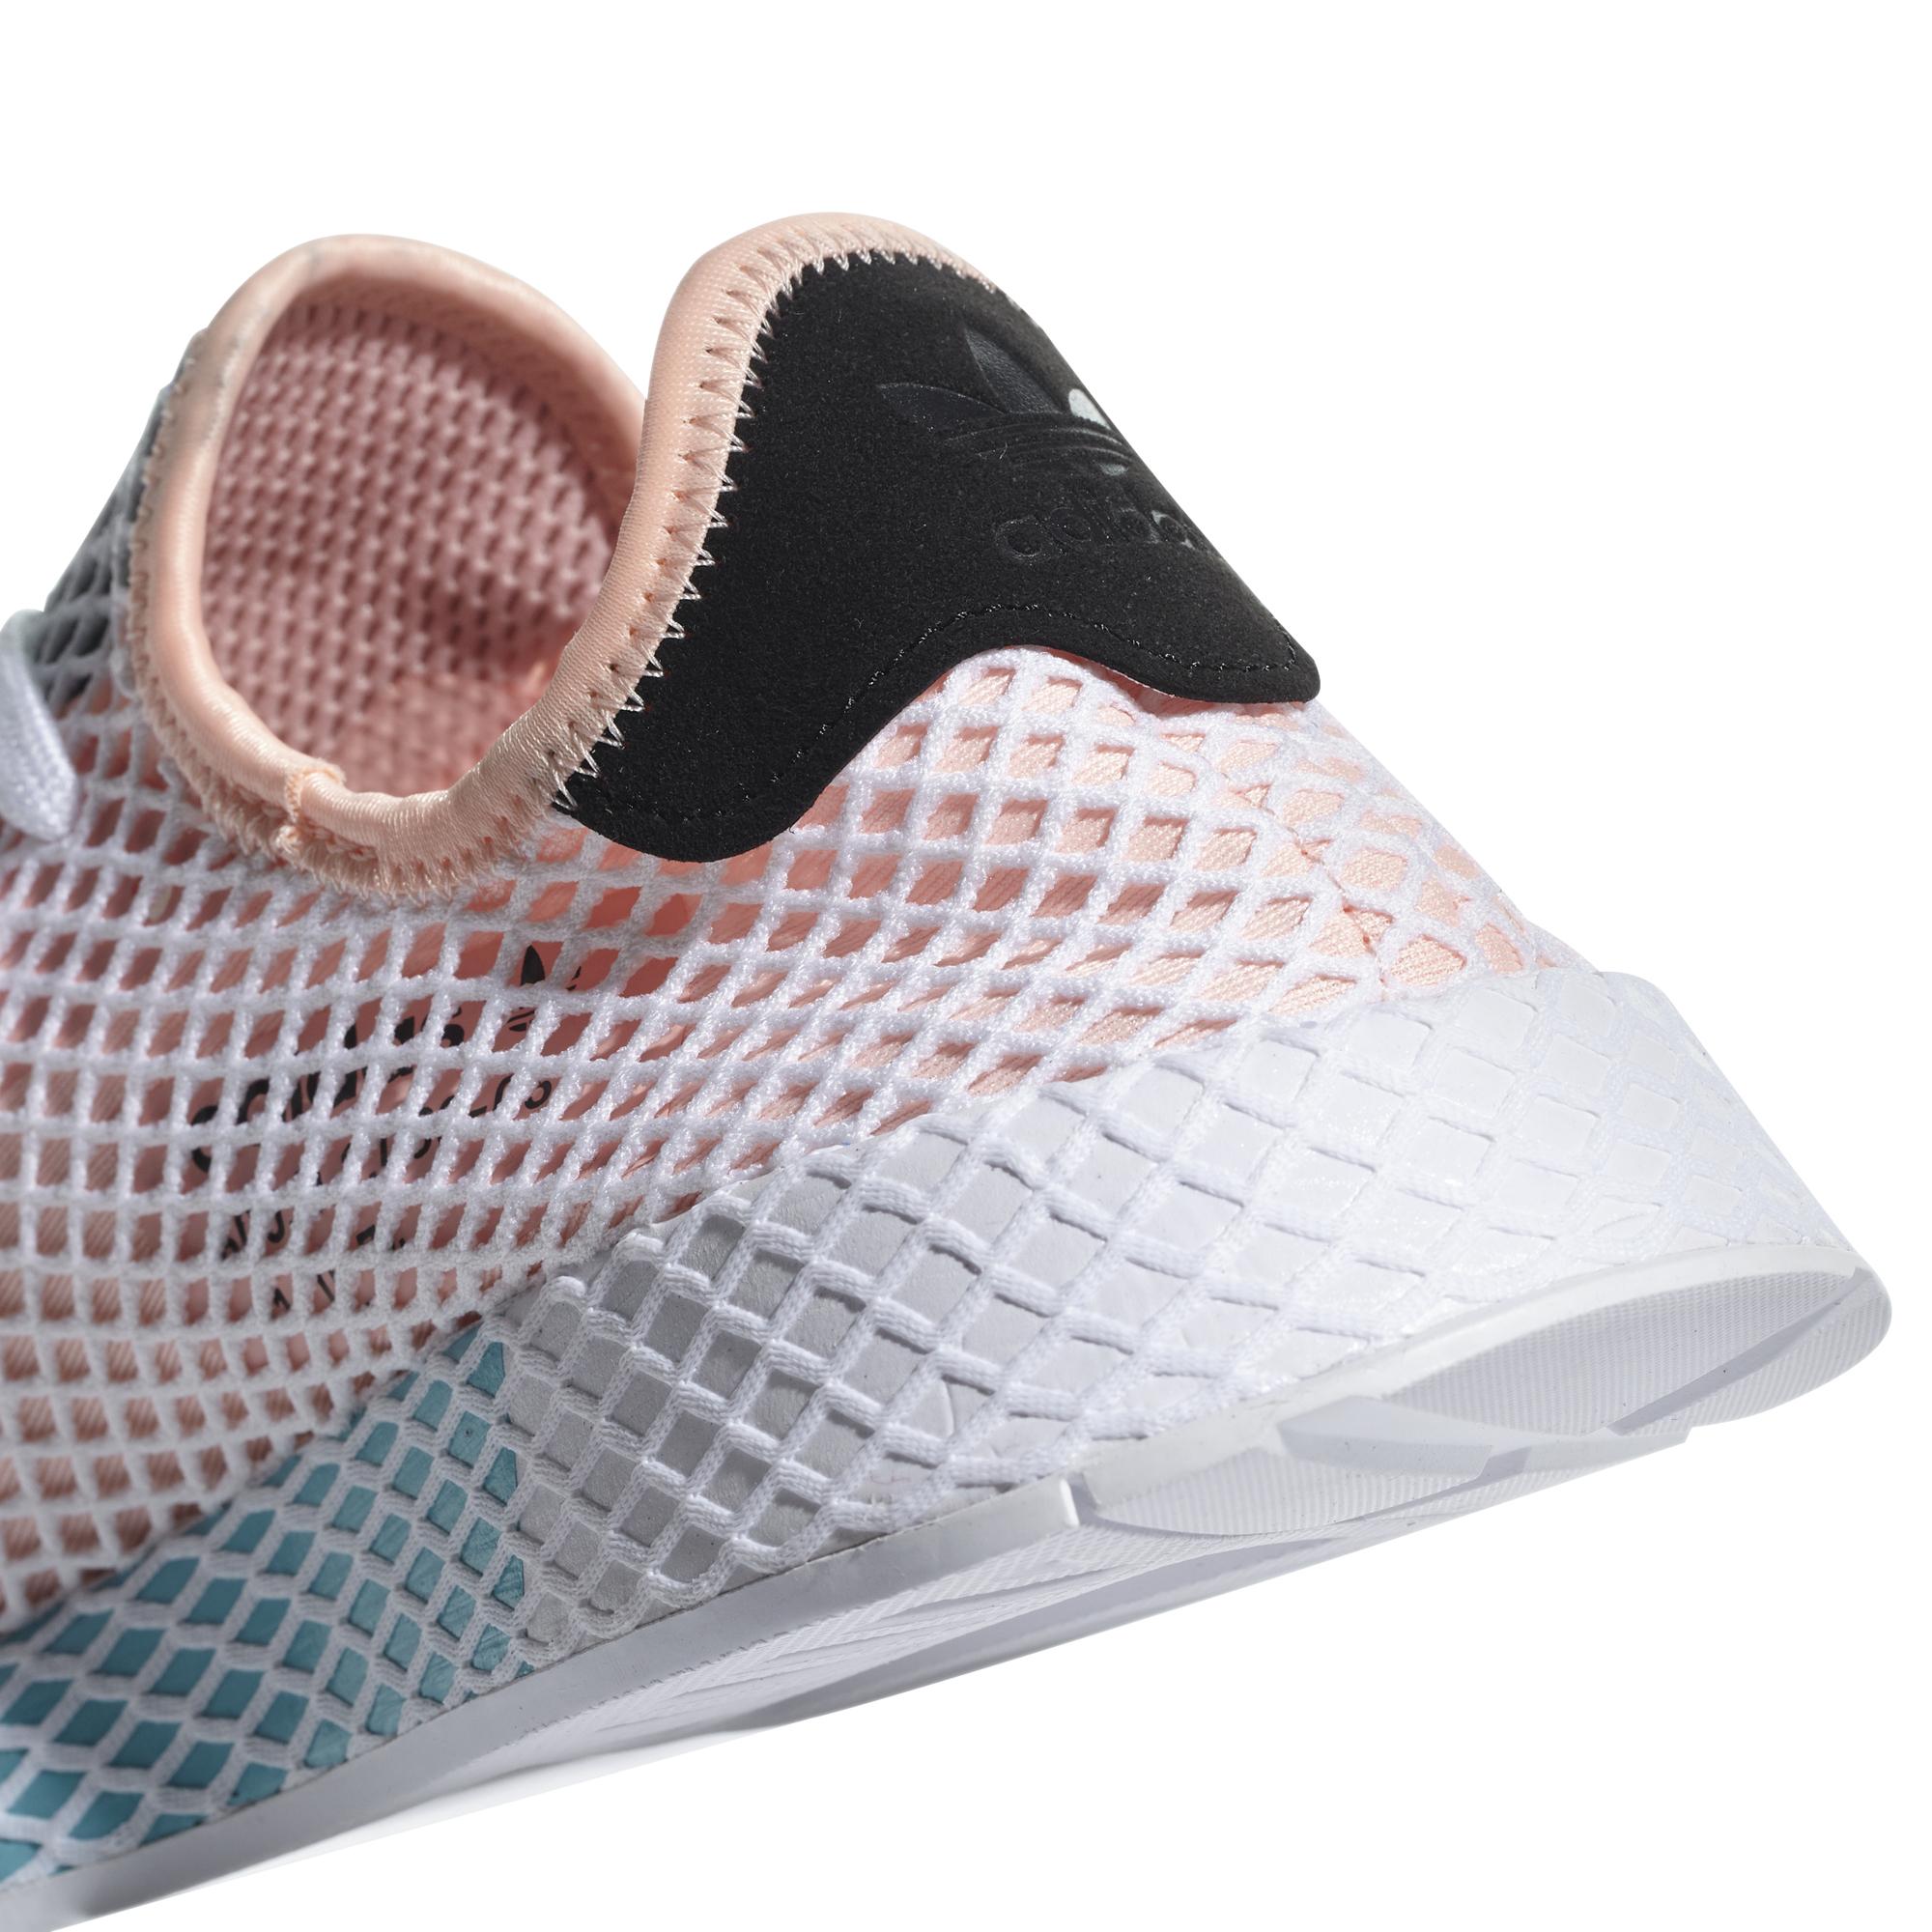 adidas Deerupt Runner B28075